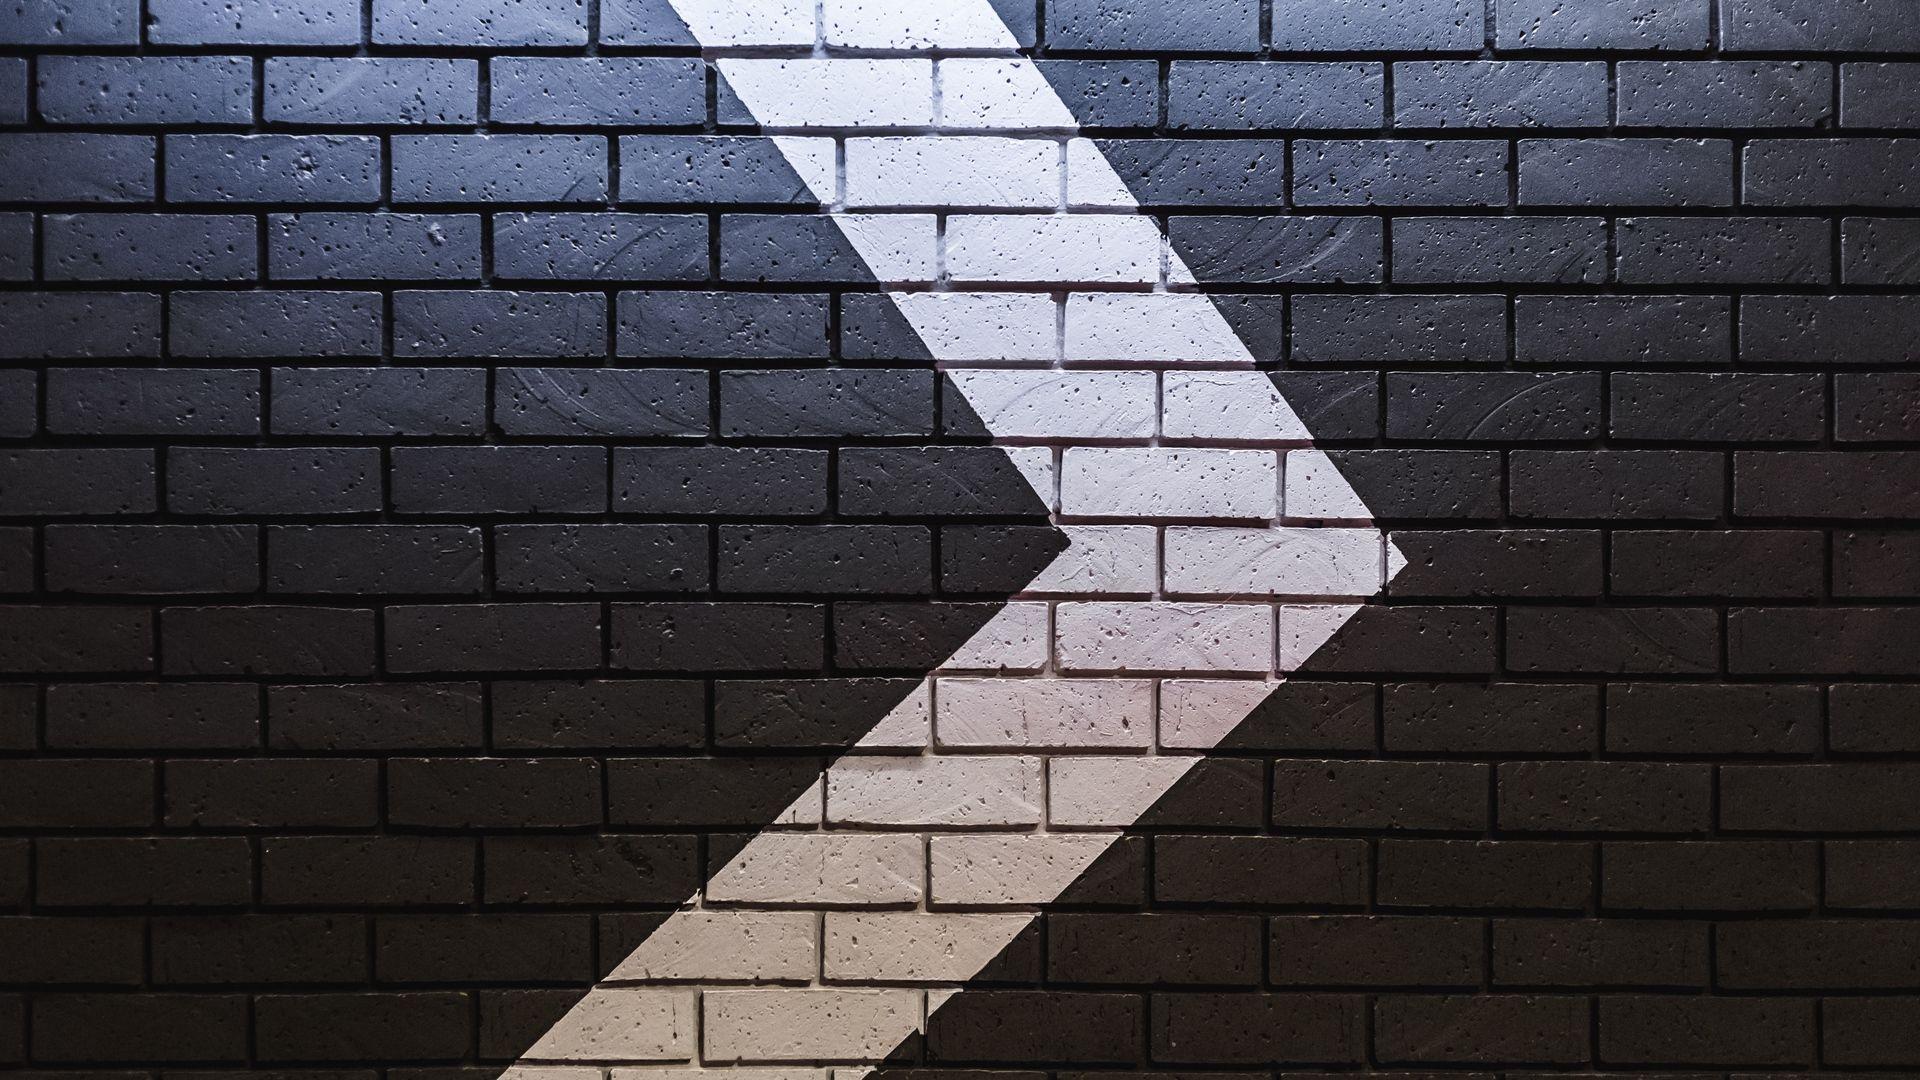 Wall full hd wallpaper